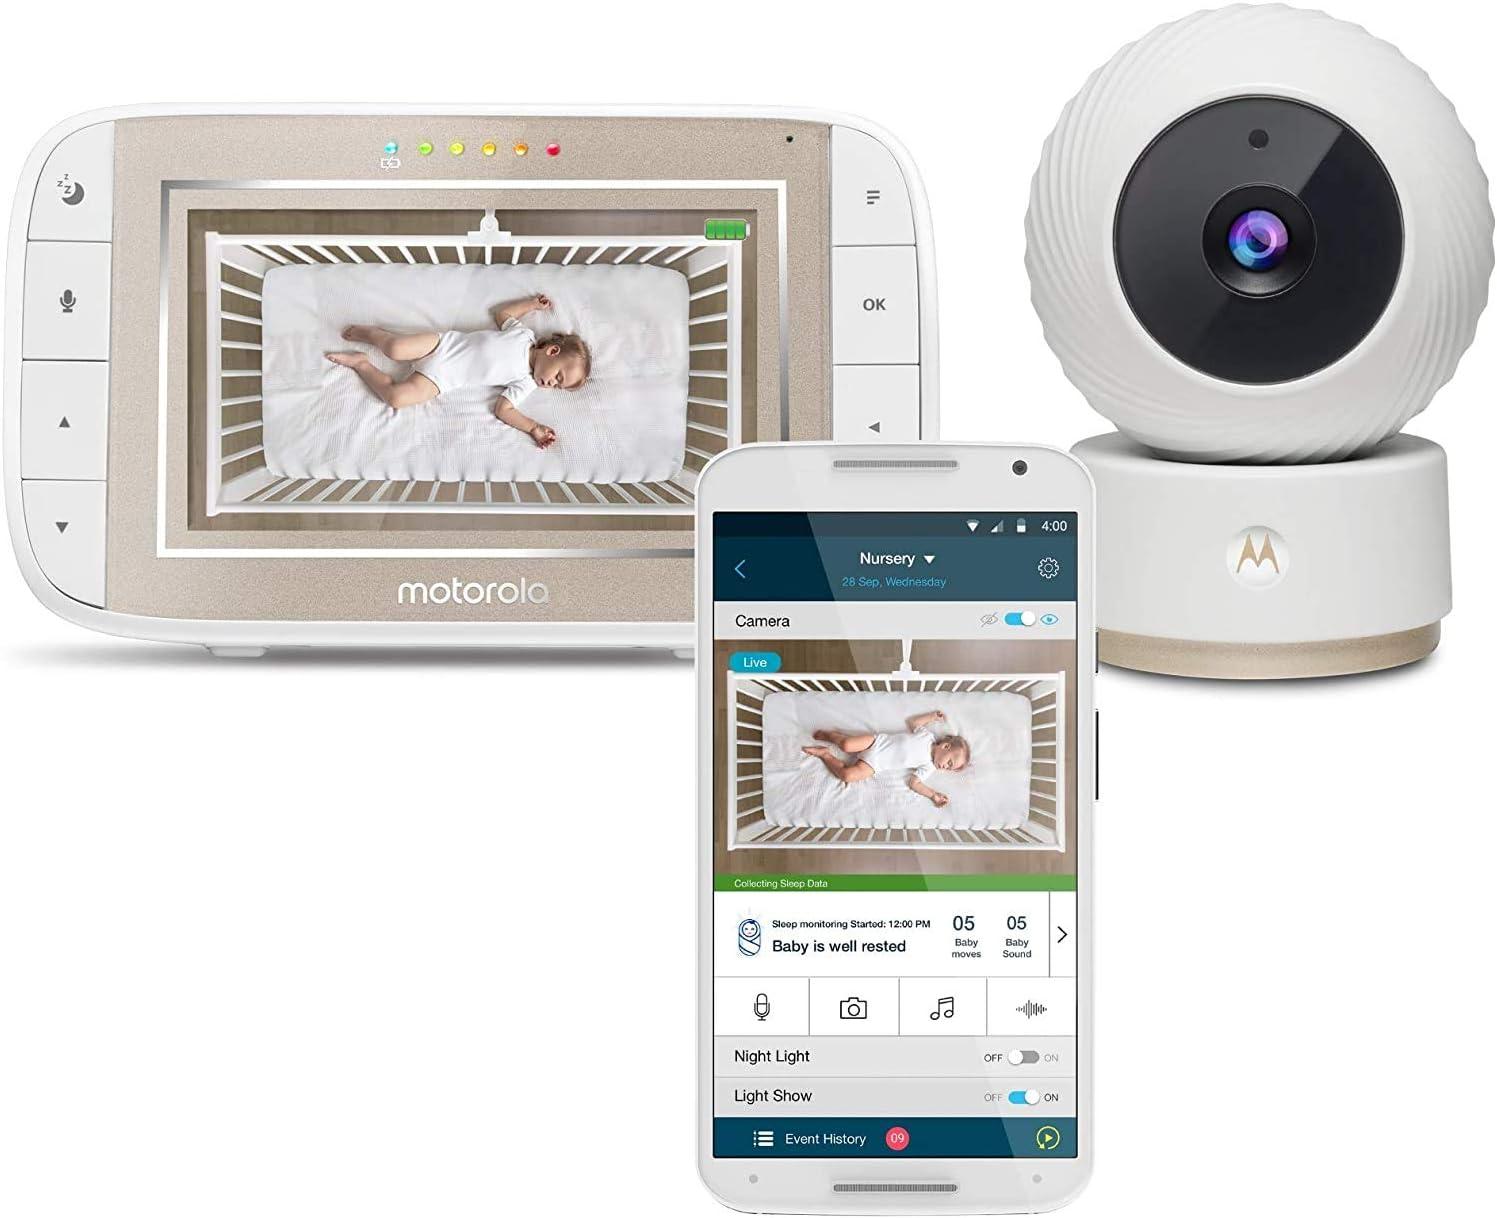 Motorola Halo+ Baby Video Monitor - Motorocompañero de supervisión y para dormir halo+ over-the-crib y aplicación conectada Hubble Wifi para teléfonos inteligentes y tabletas